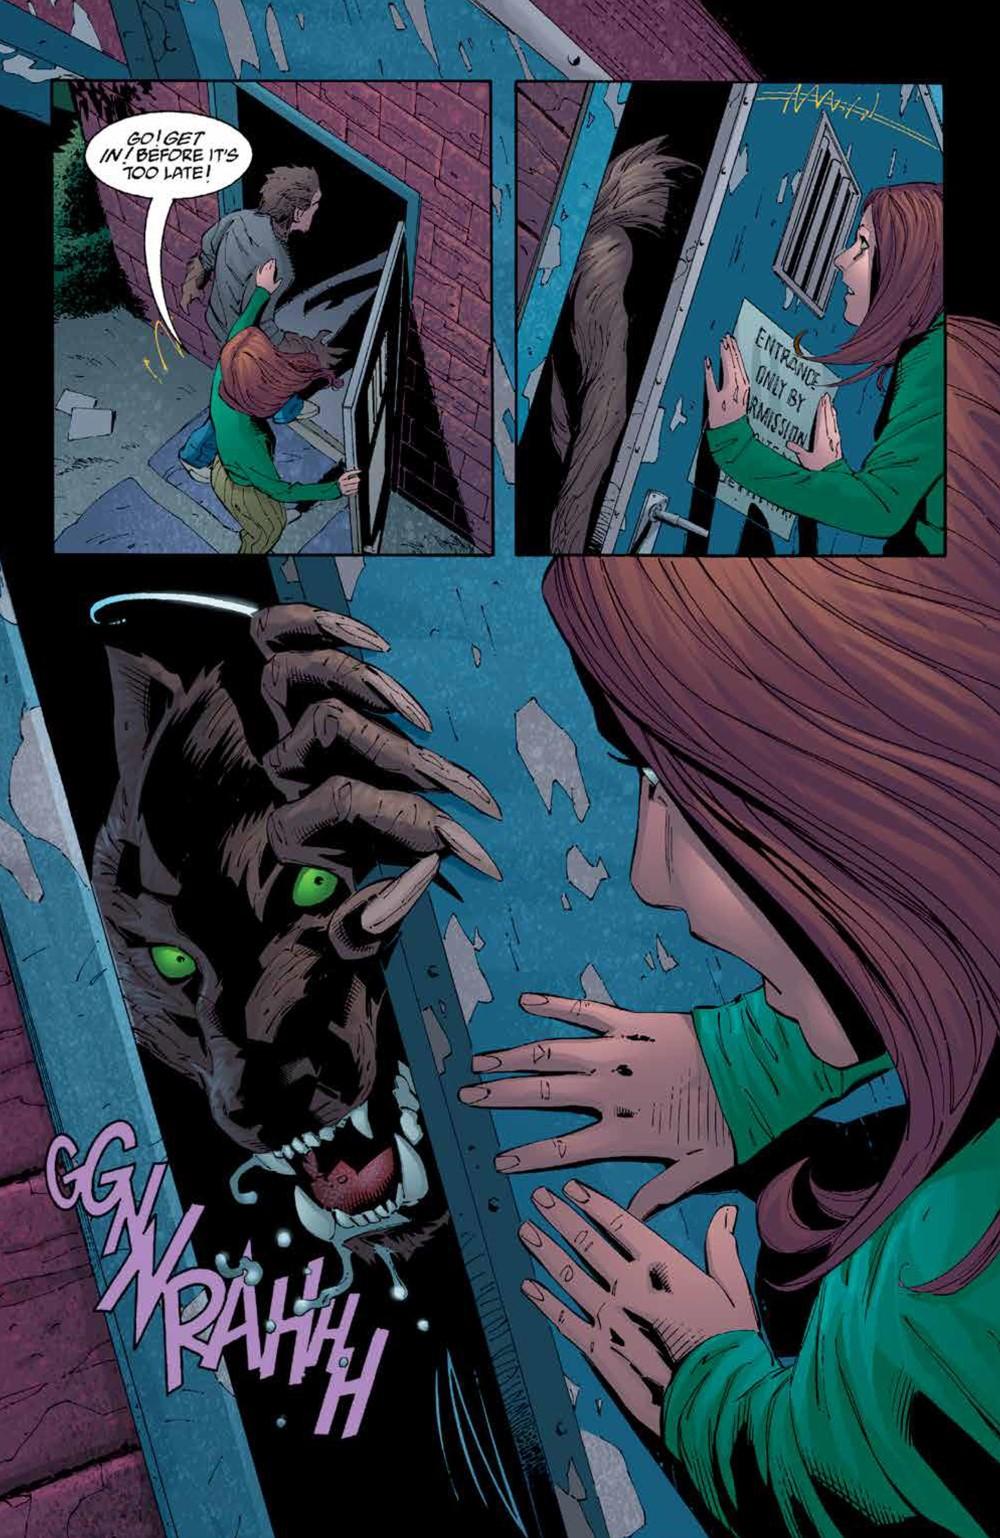 Buffy_Legacy_v5_SC_PRESS_14 ComicList Previews: BUFFY VAMPIRE SLAYER LEGACY EDITION VOLUME 5 TP